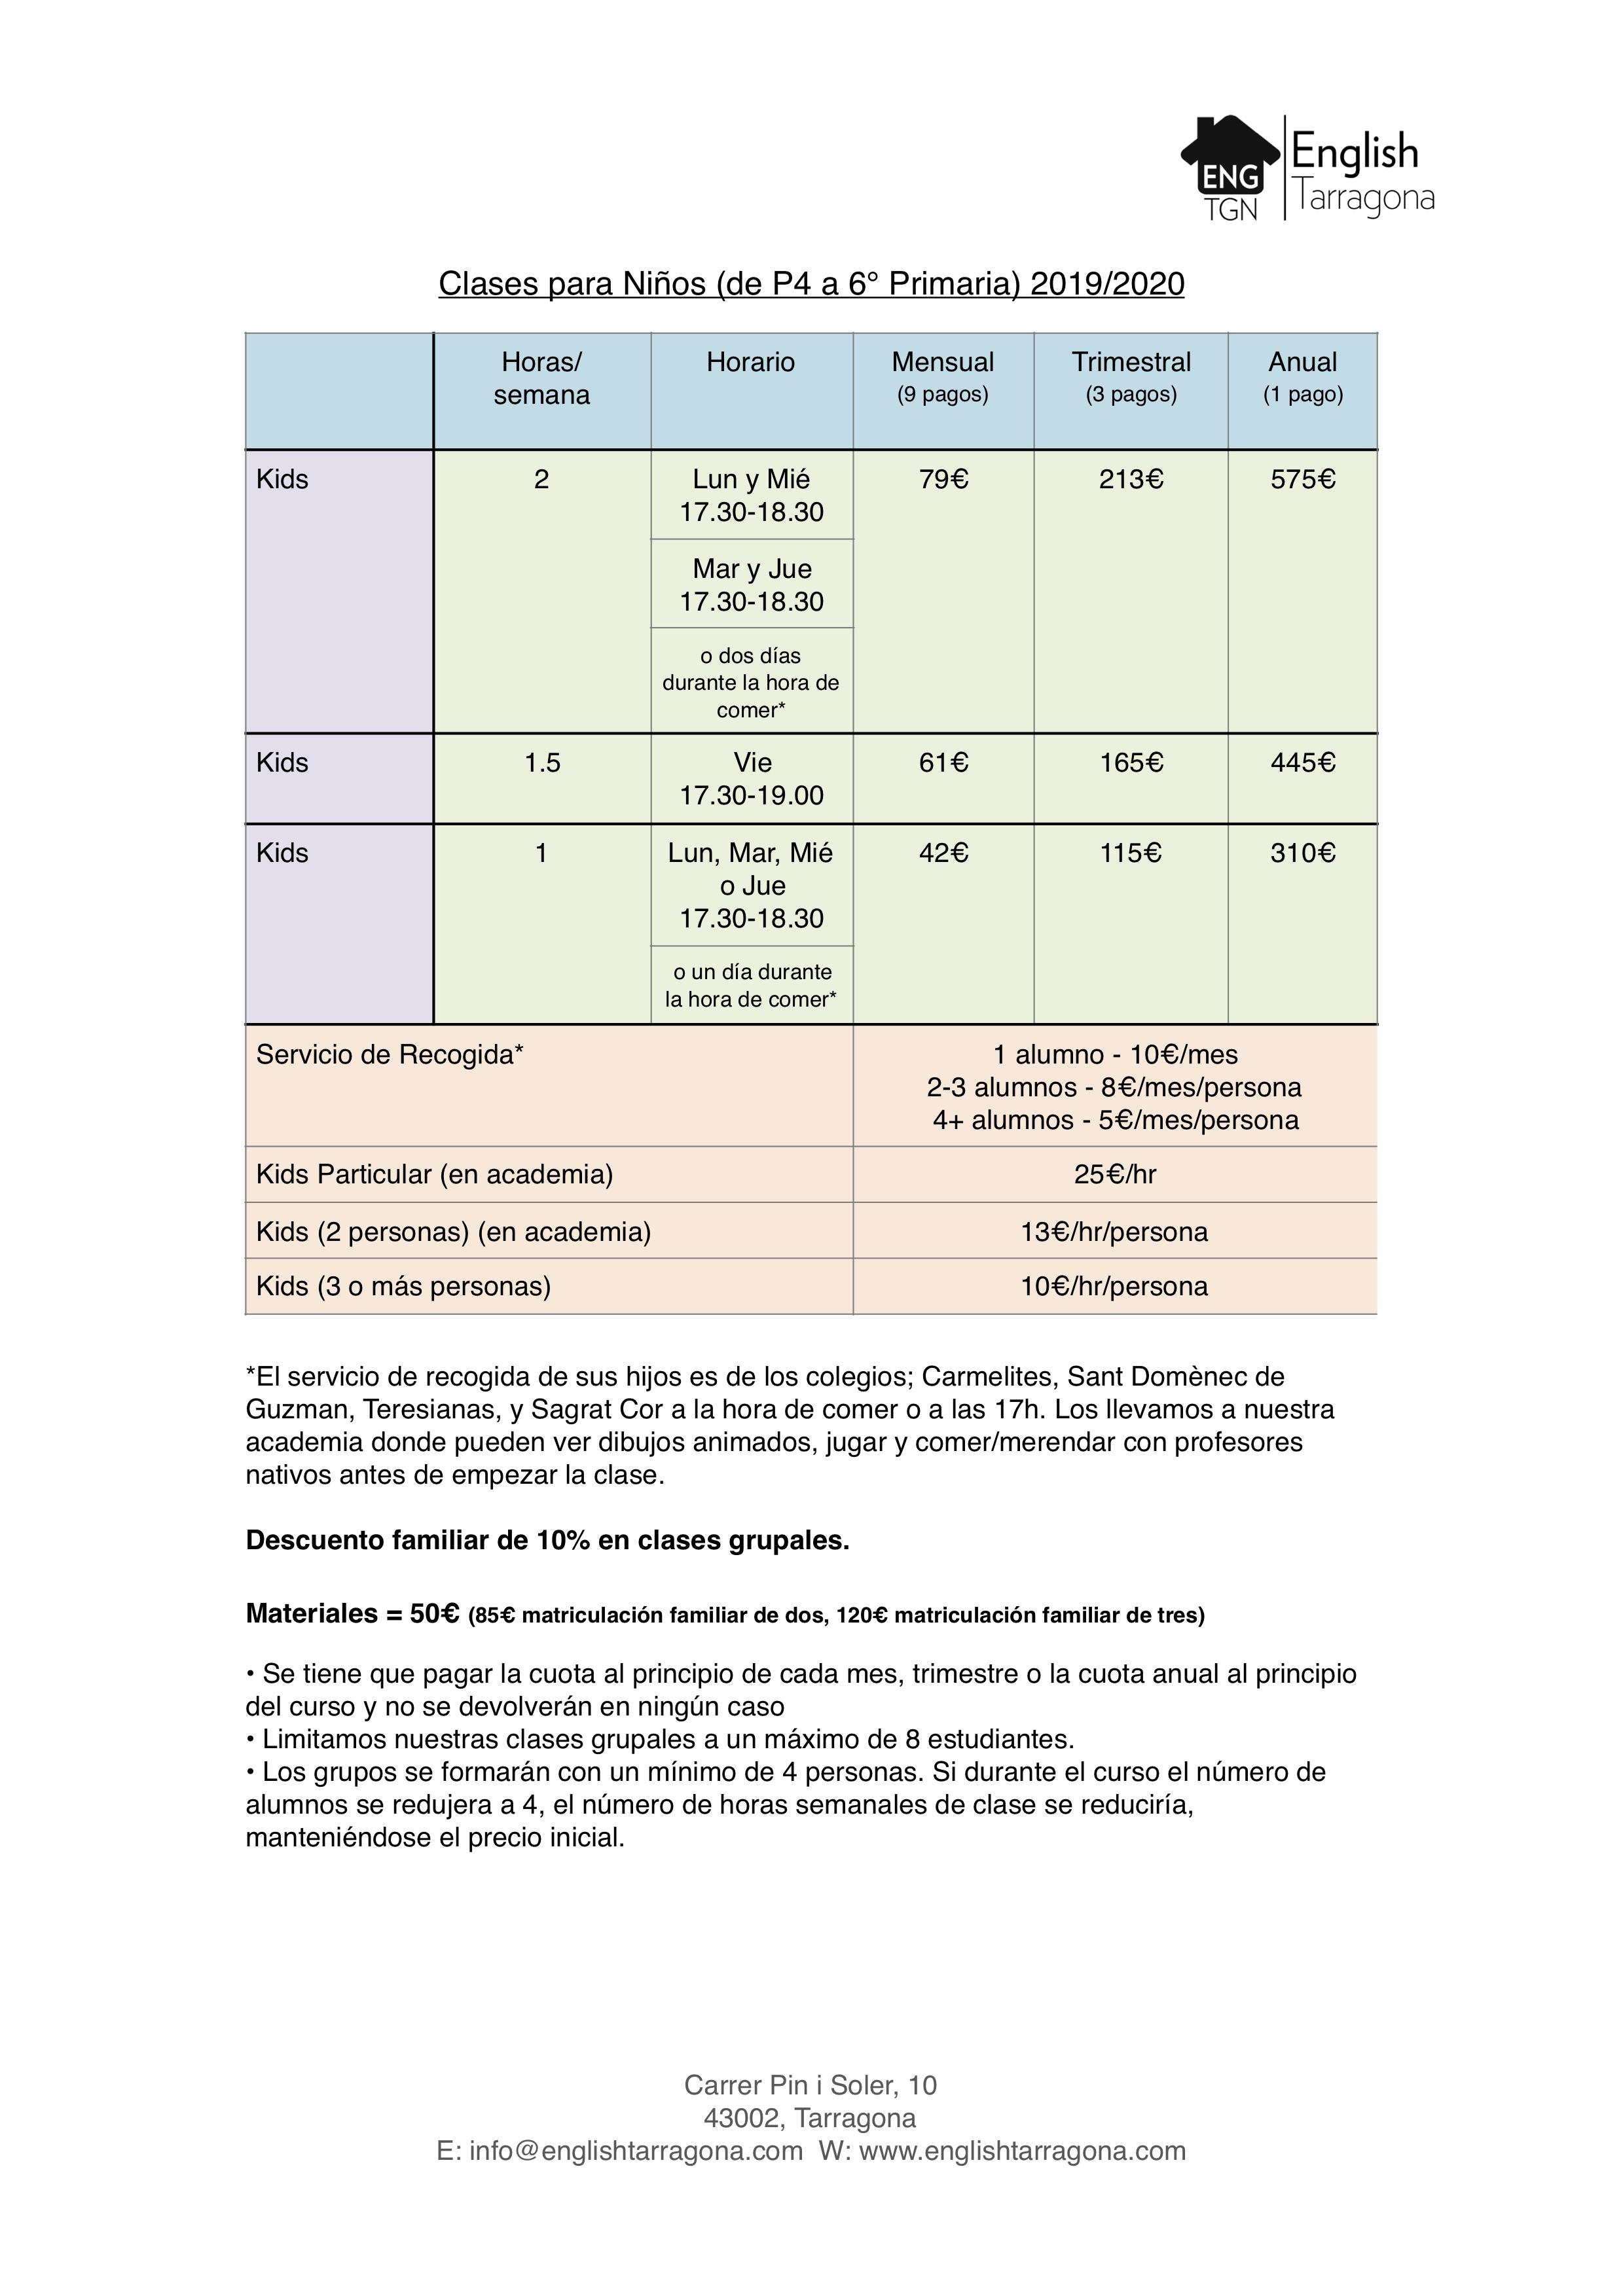 Precios Tarragona Niños 2019:20.jpg